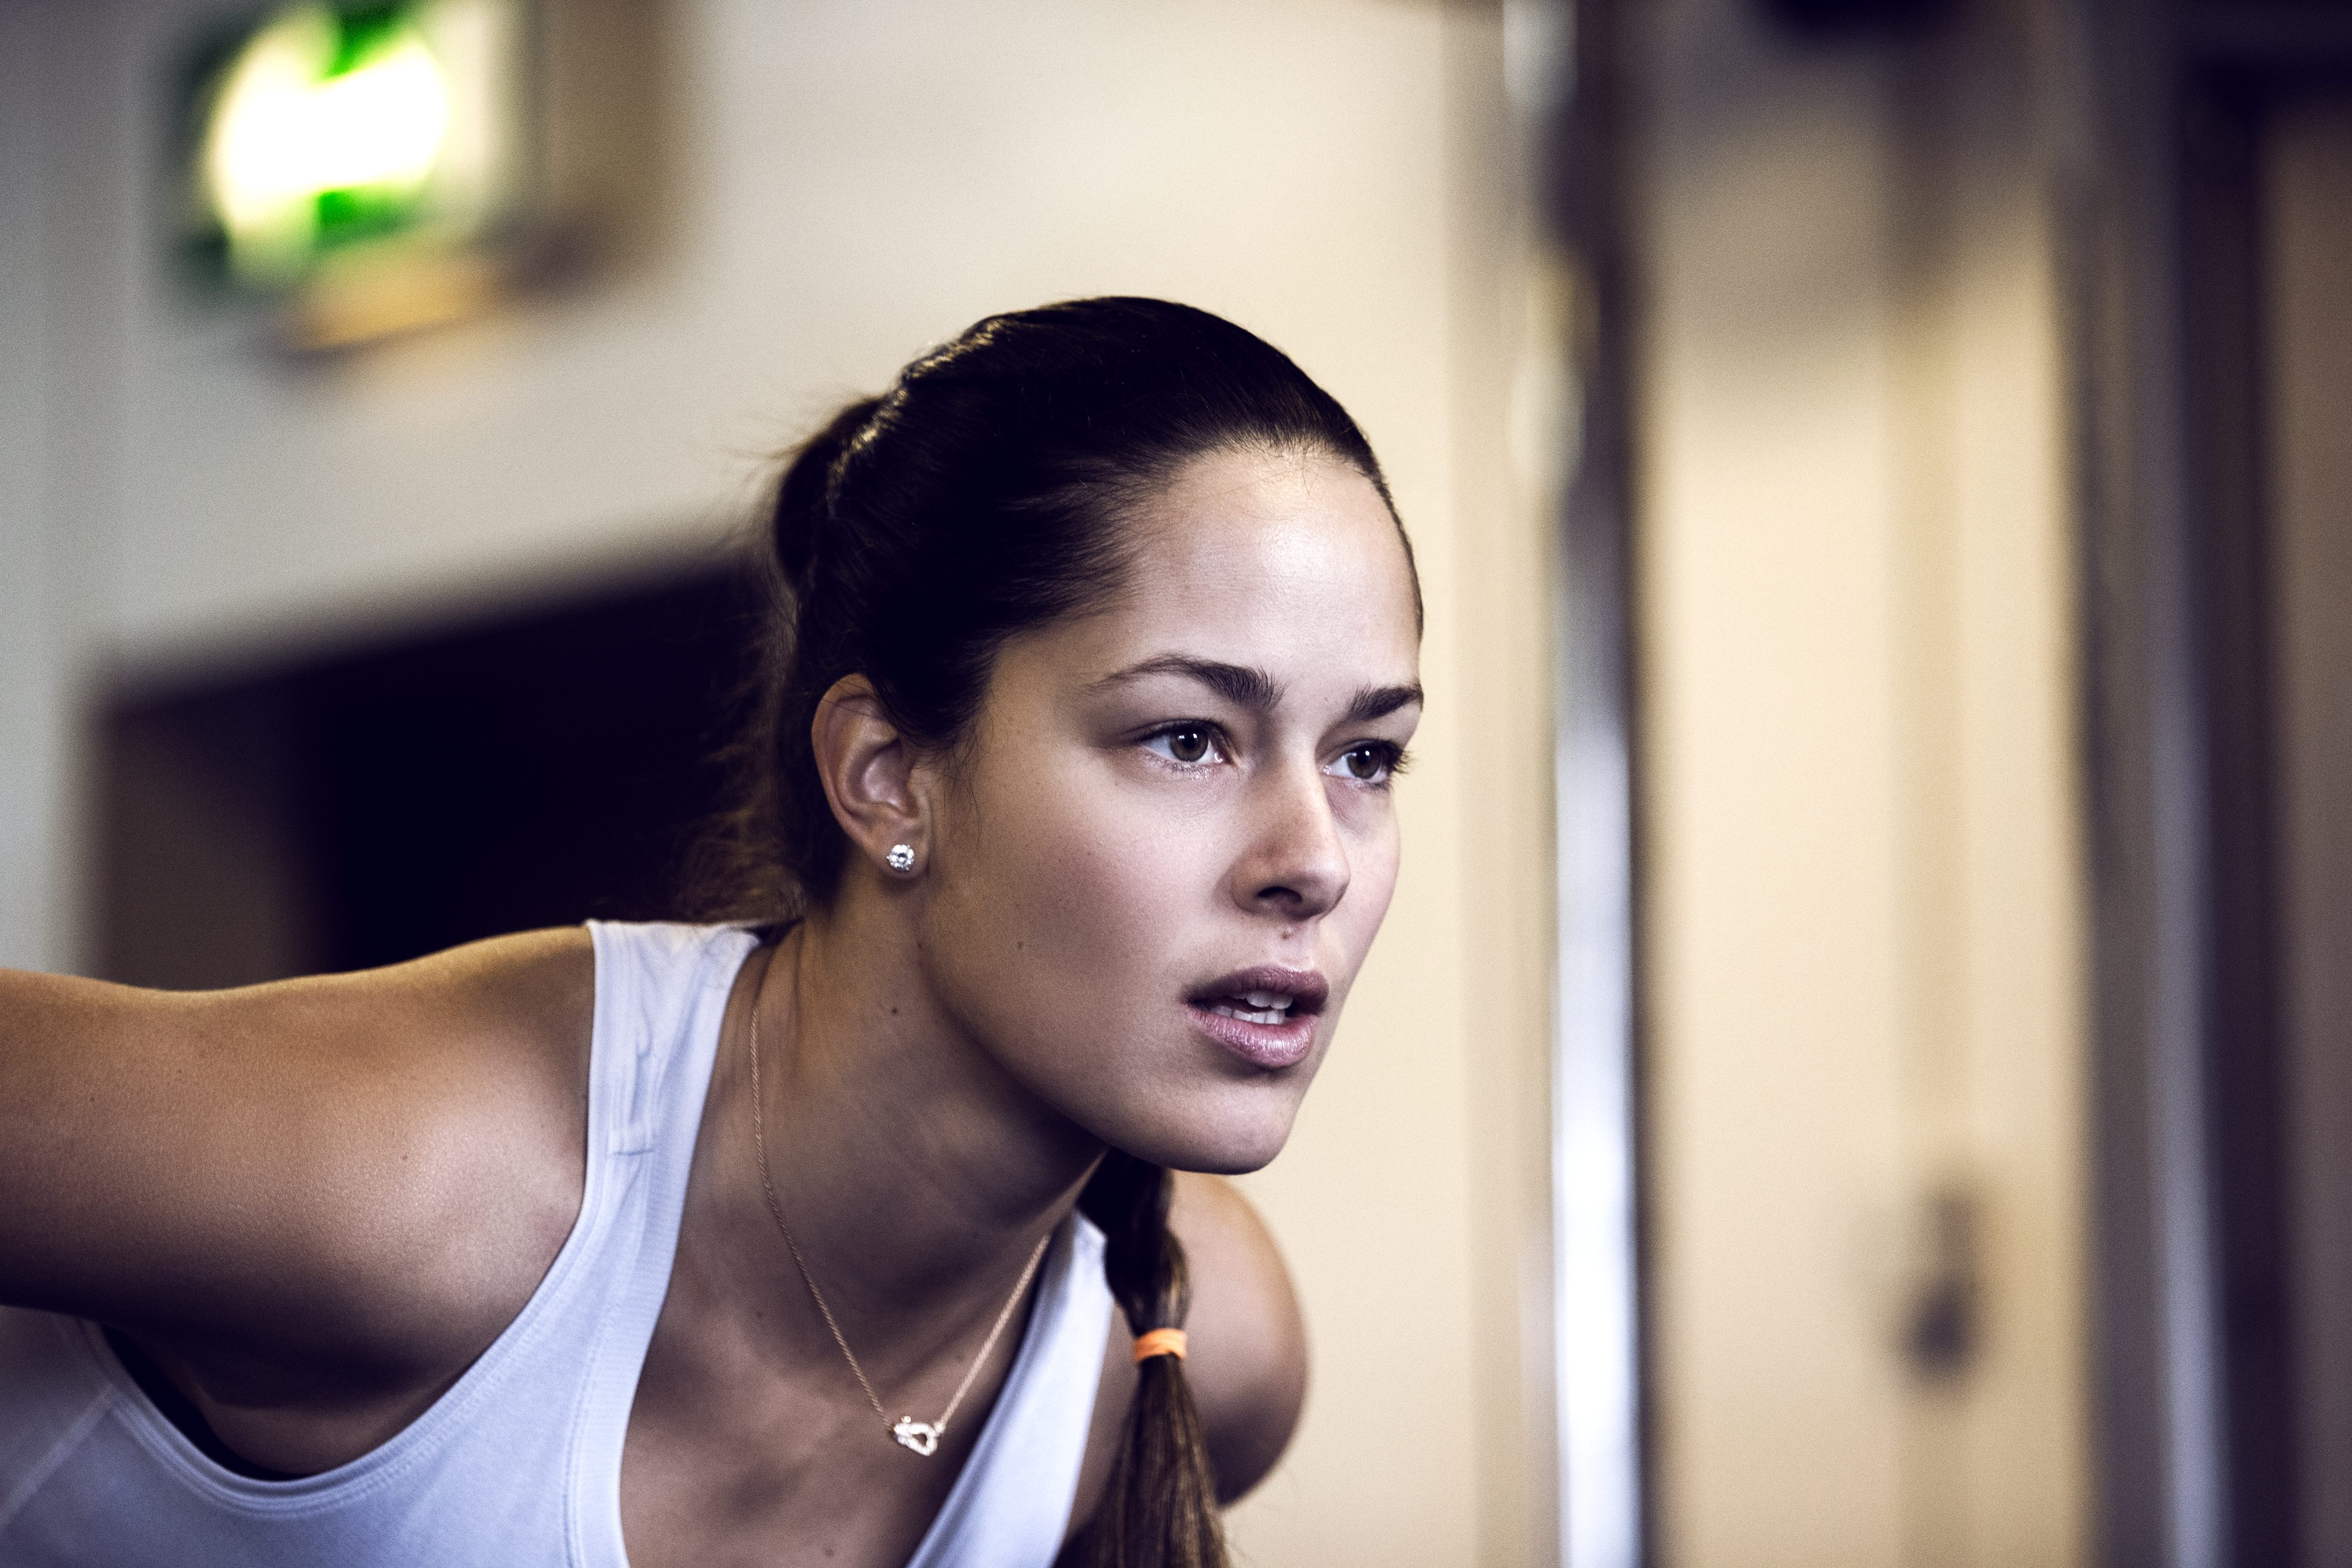 adidas_PR_still_2_Ana Ivanovic